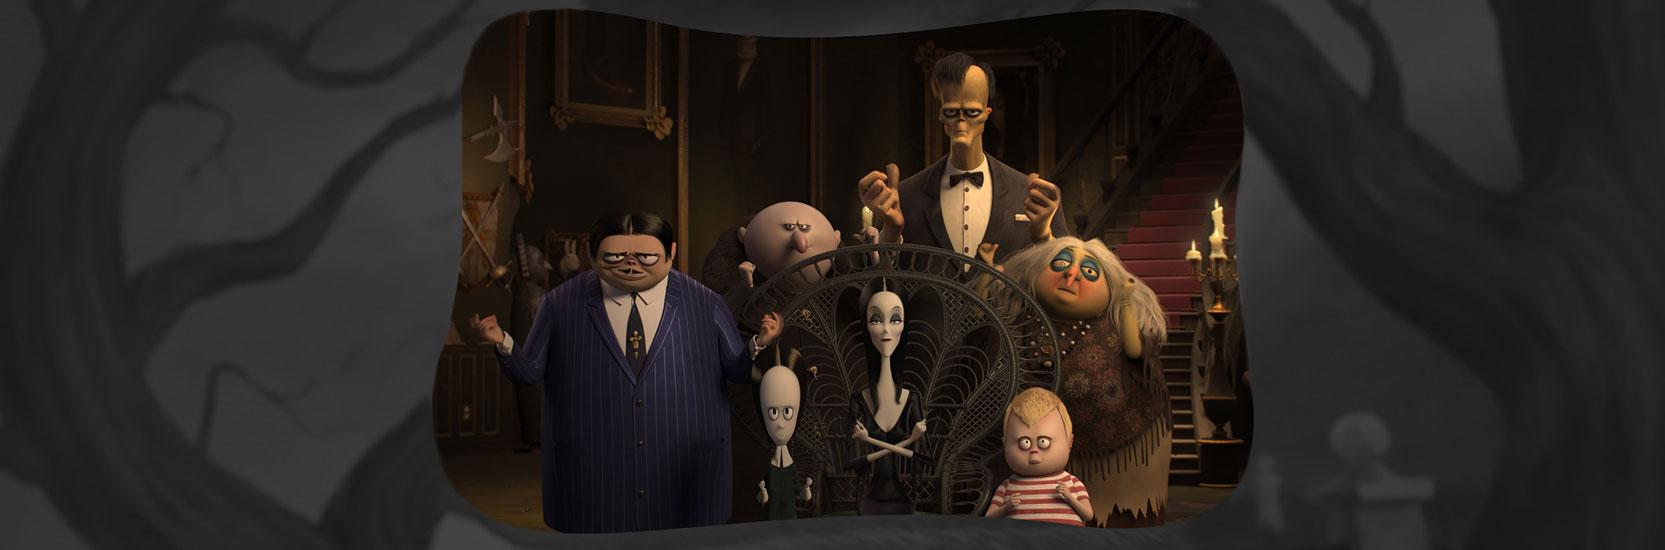 Critique – La Famille Addams, immortellement moderne ?